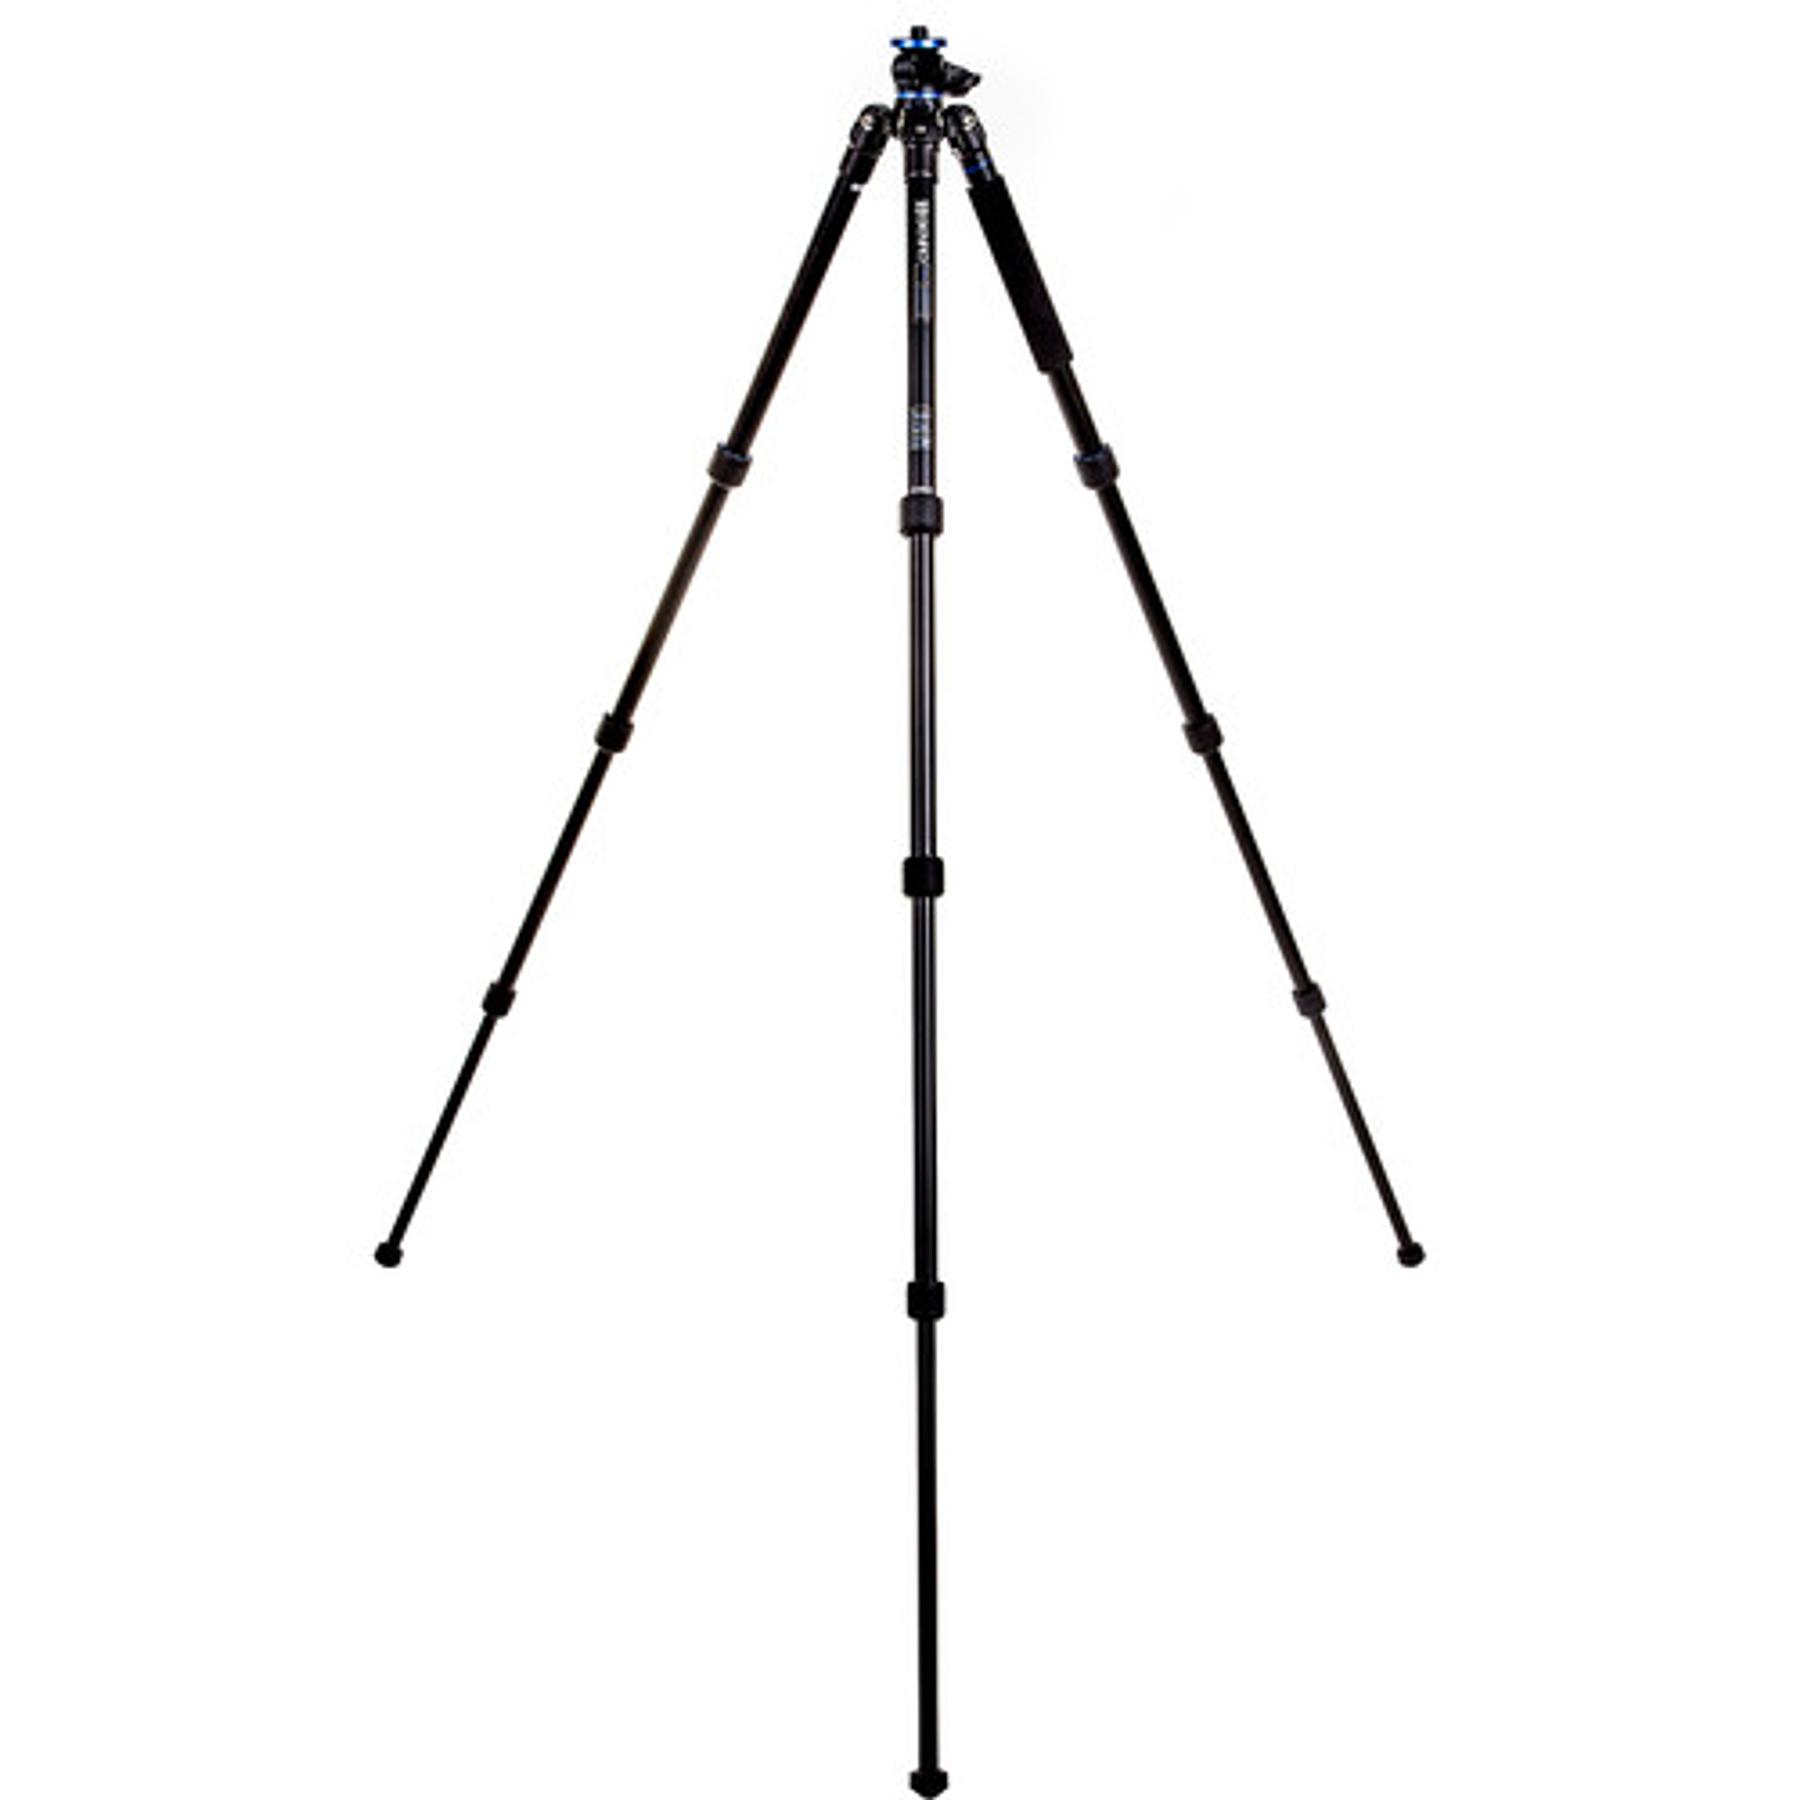 Kit Trípode para fotografía Nº FGP18AHD2A